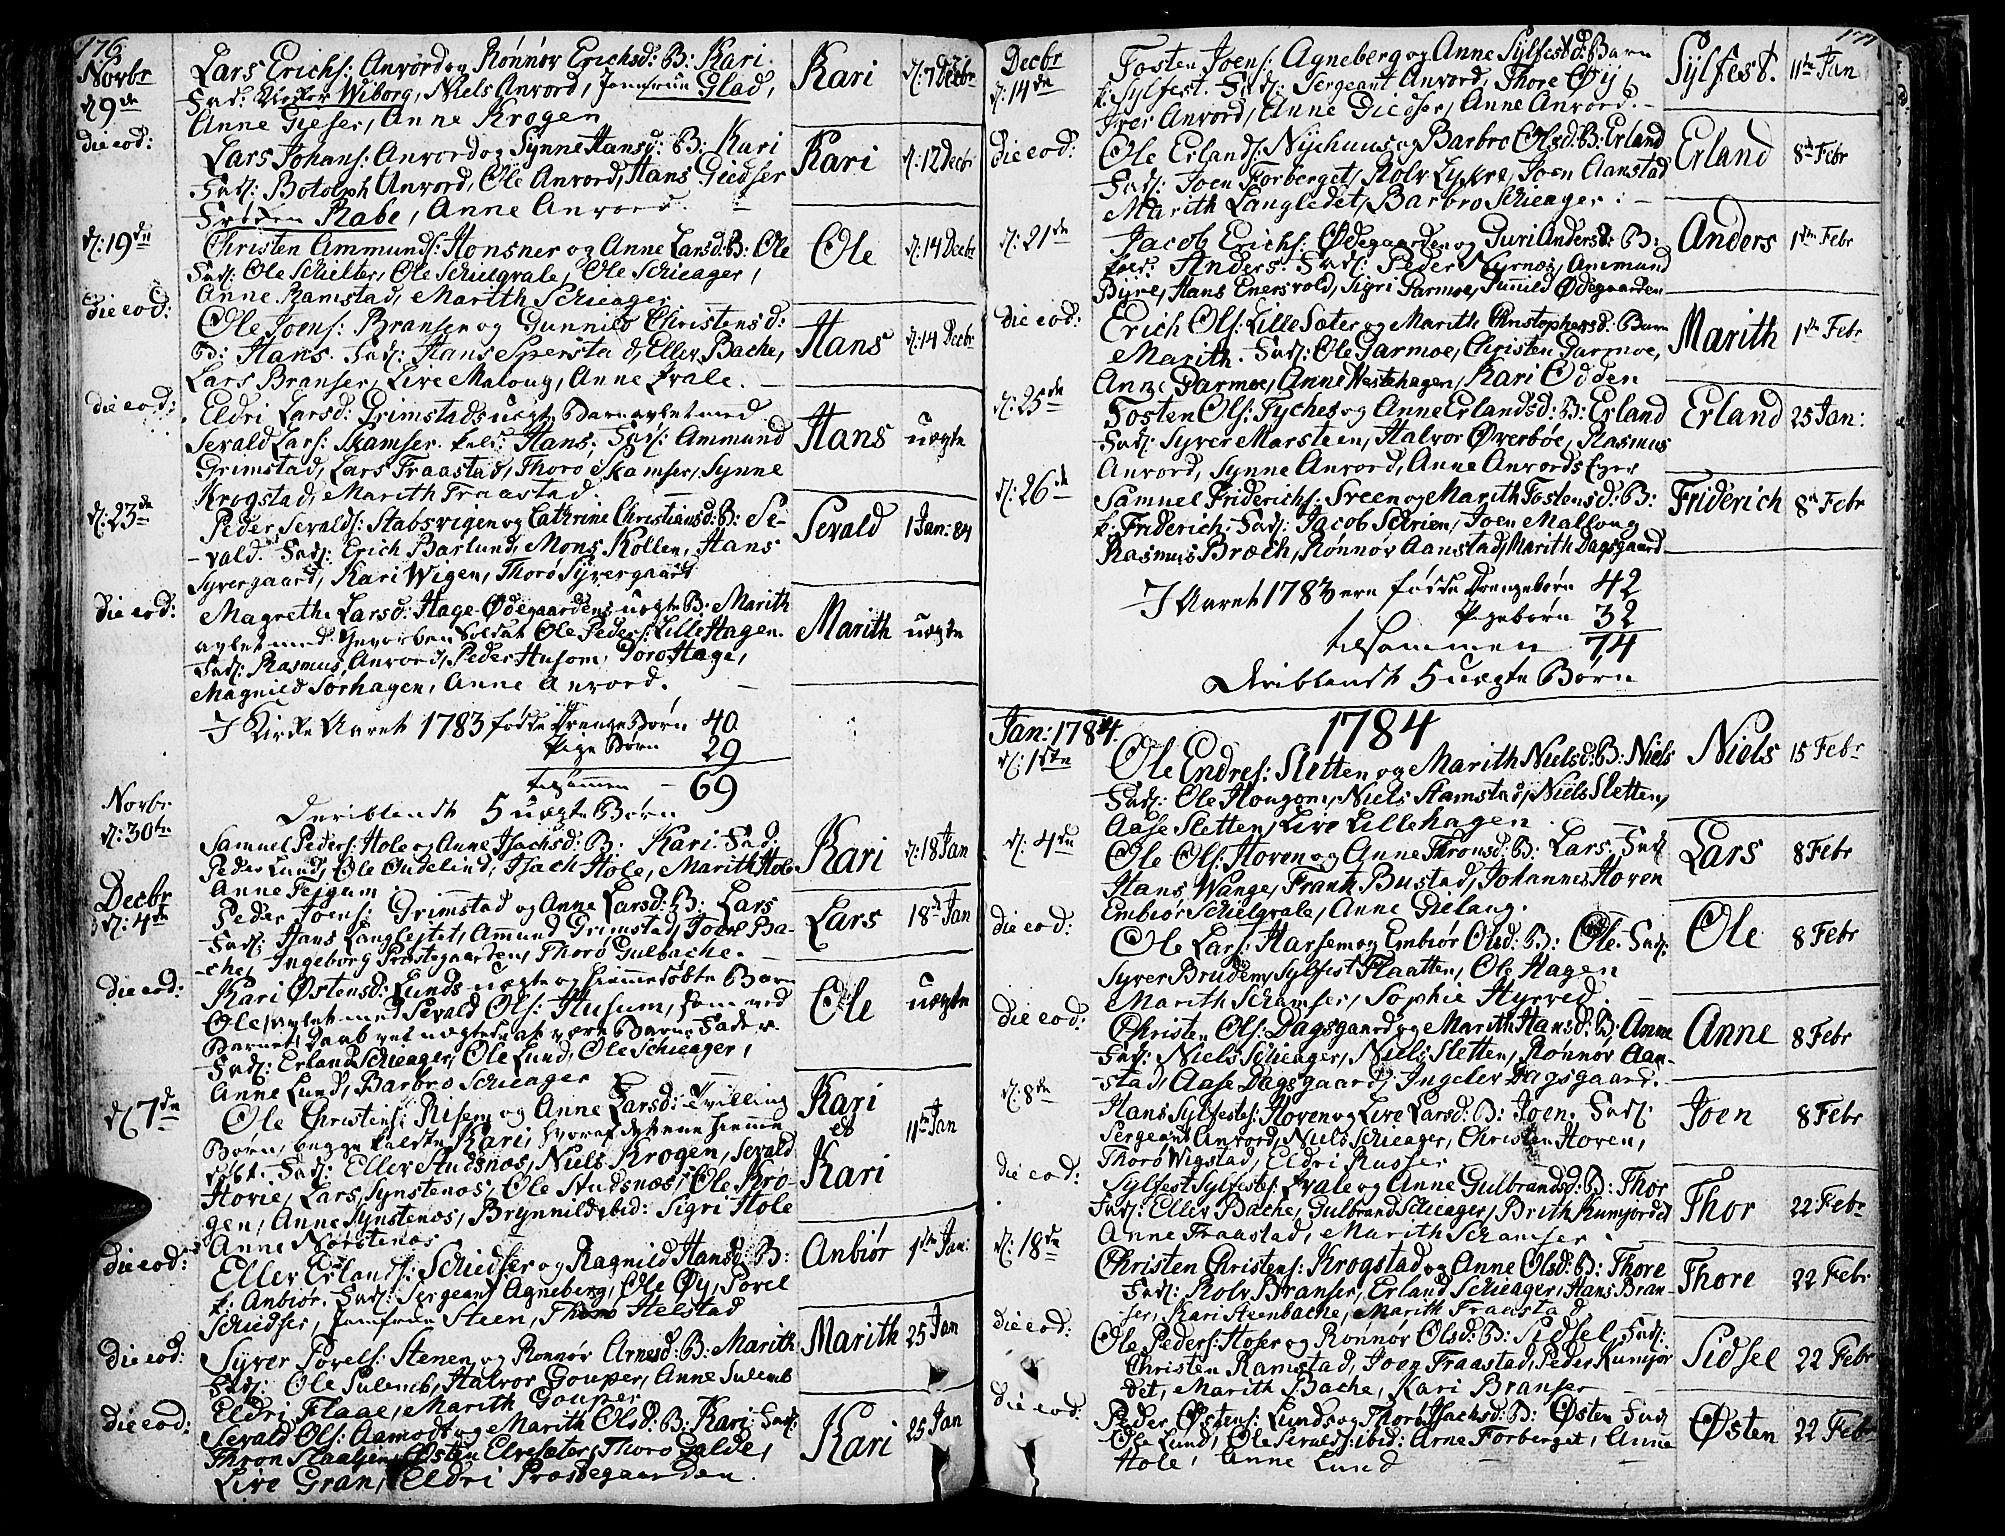 SAH, Lom prestekontor, K/L0002: Ministerialbok nr. 2, 1749-1801, s. 176-177